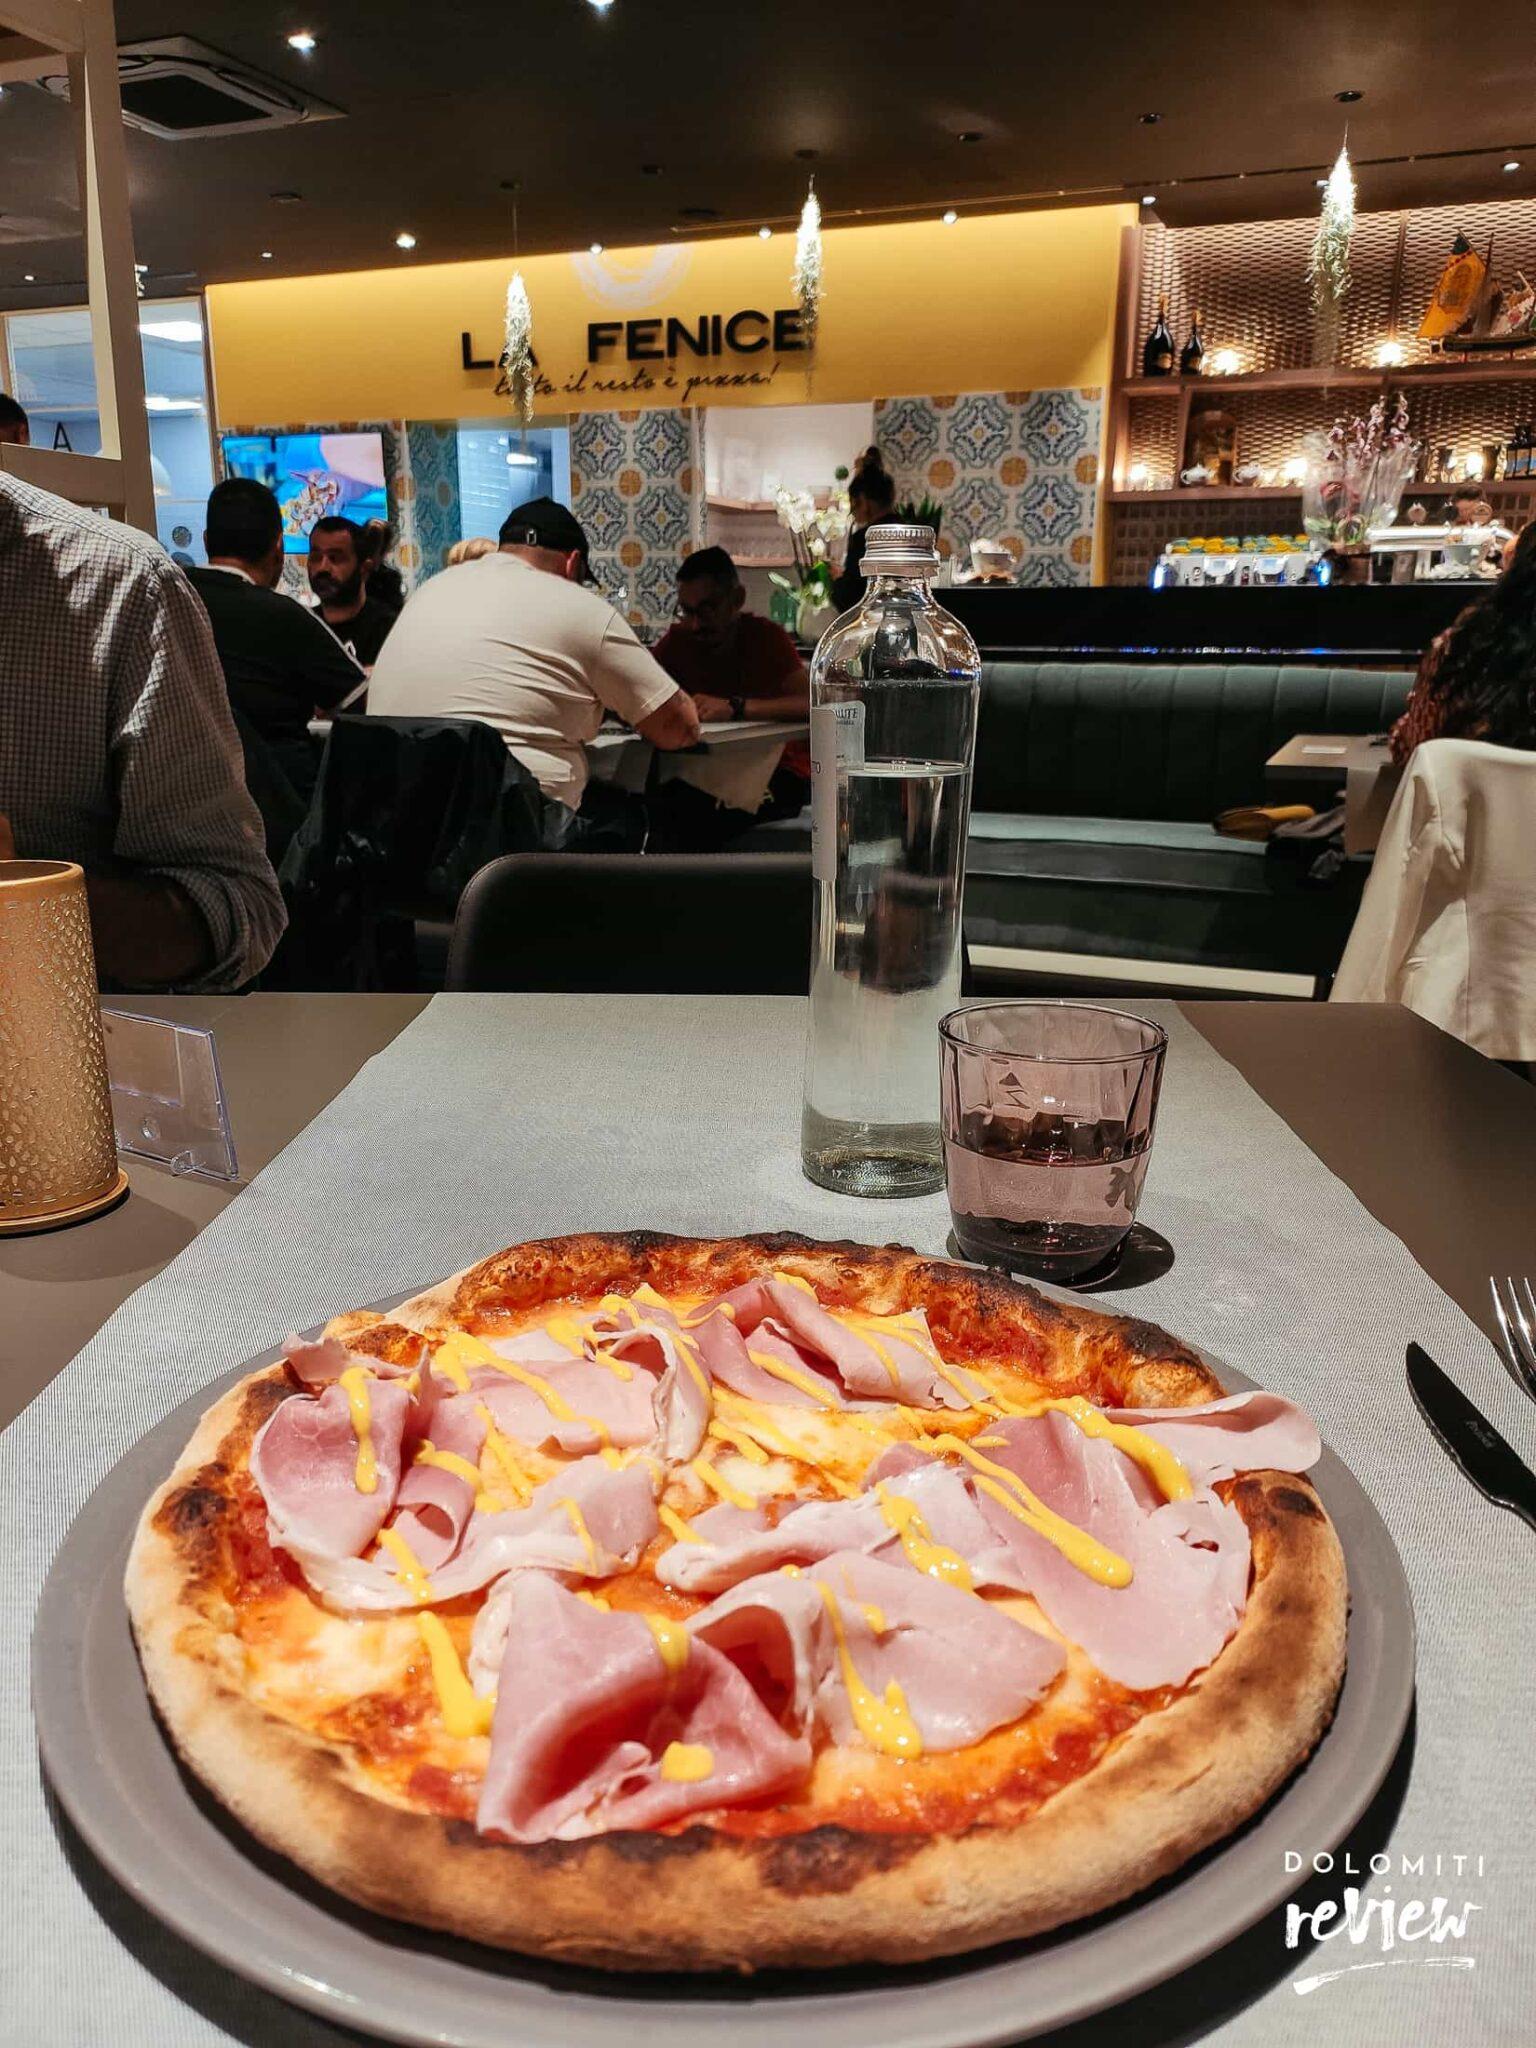 Pizza cotto alla senape - Pizzeria La Fenice